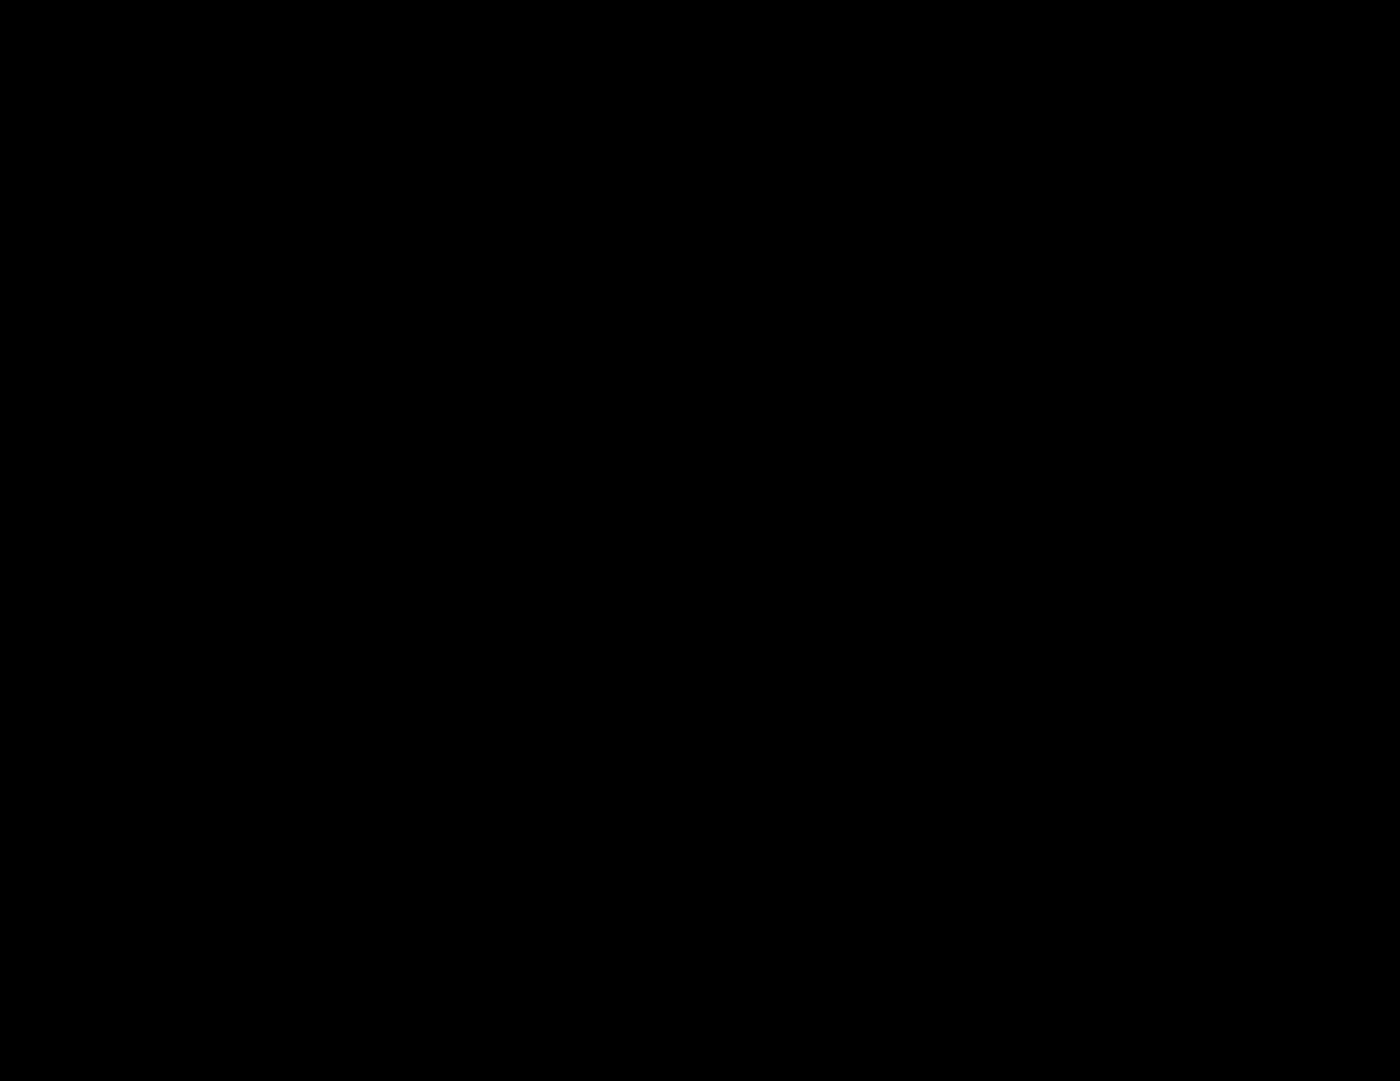 doppelhaus-bauhaus-dachterrasse-grundriss-eg